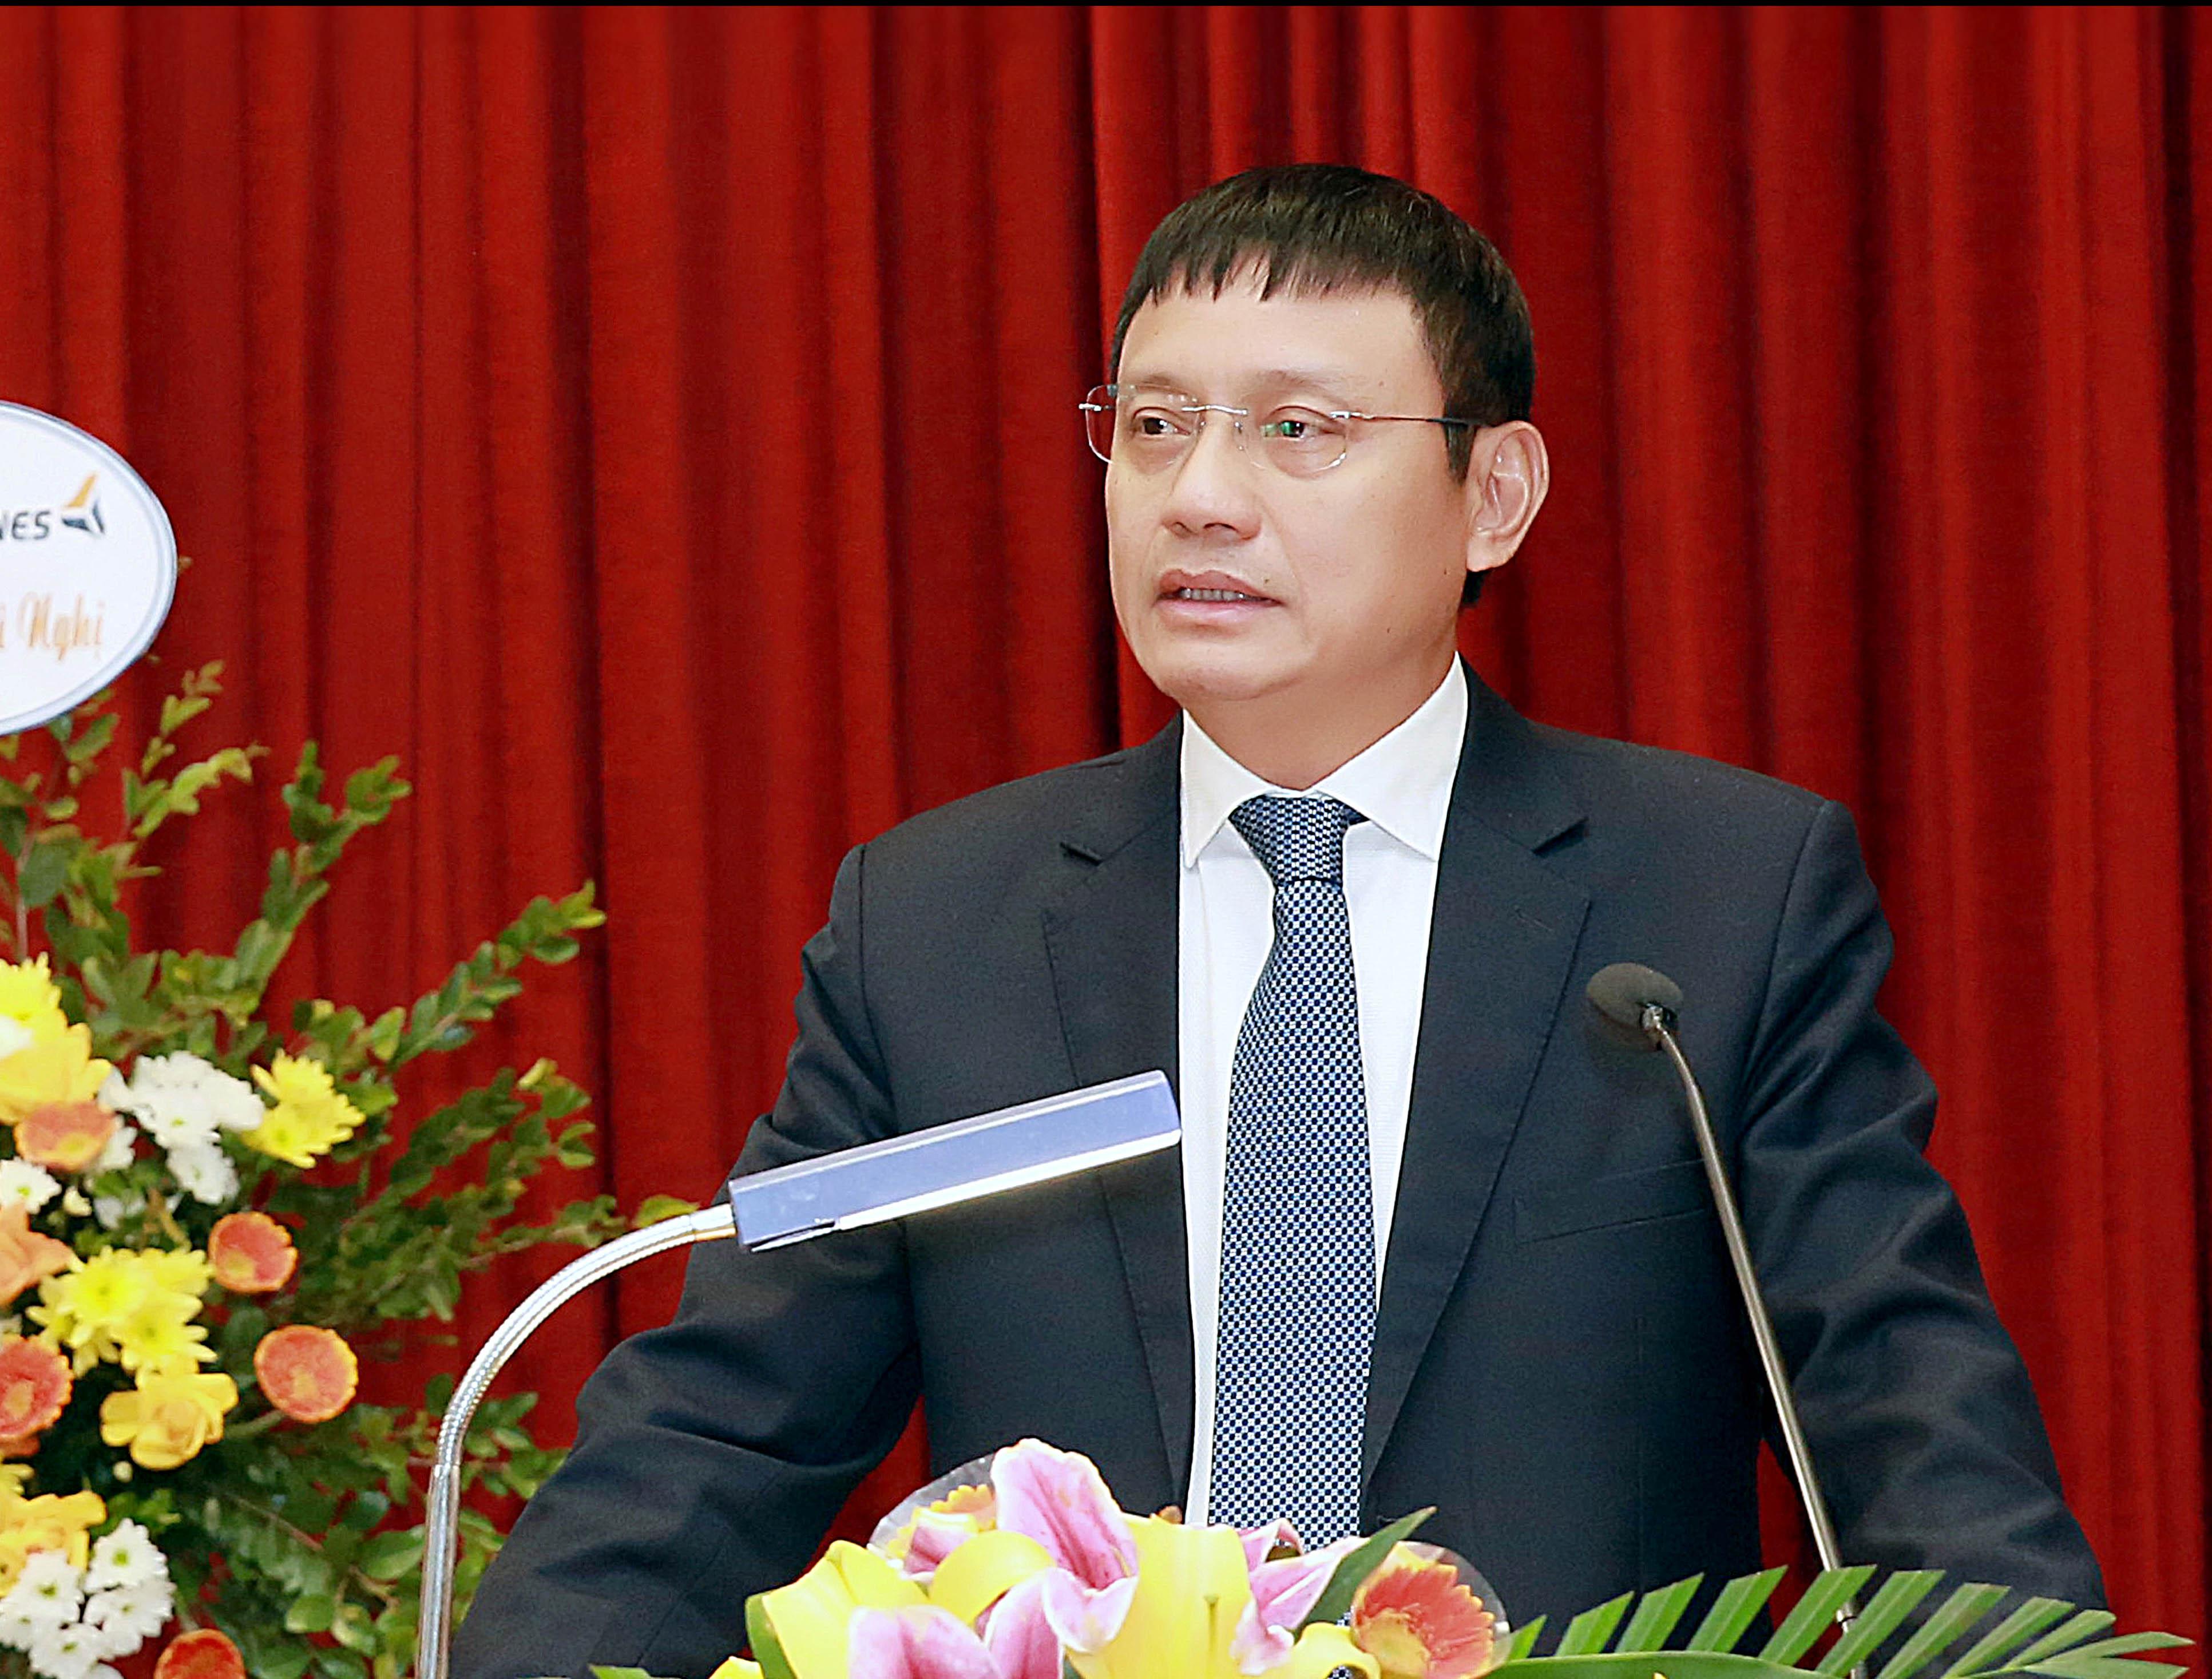 Chủ tịch Hội đồng thành viên gửi thư động viên người lao động VATM chống dịch Covid-19